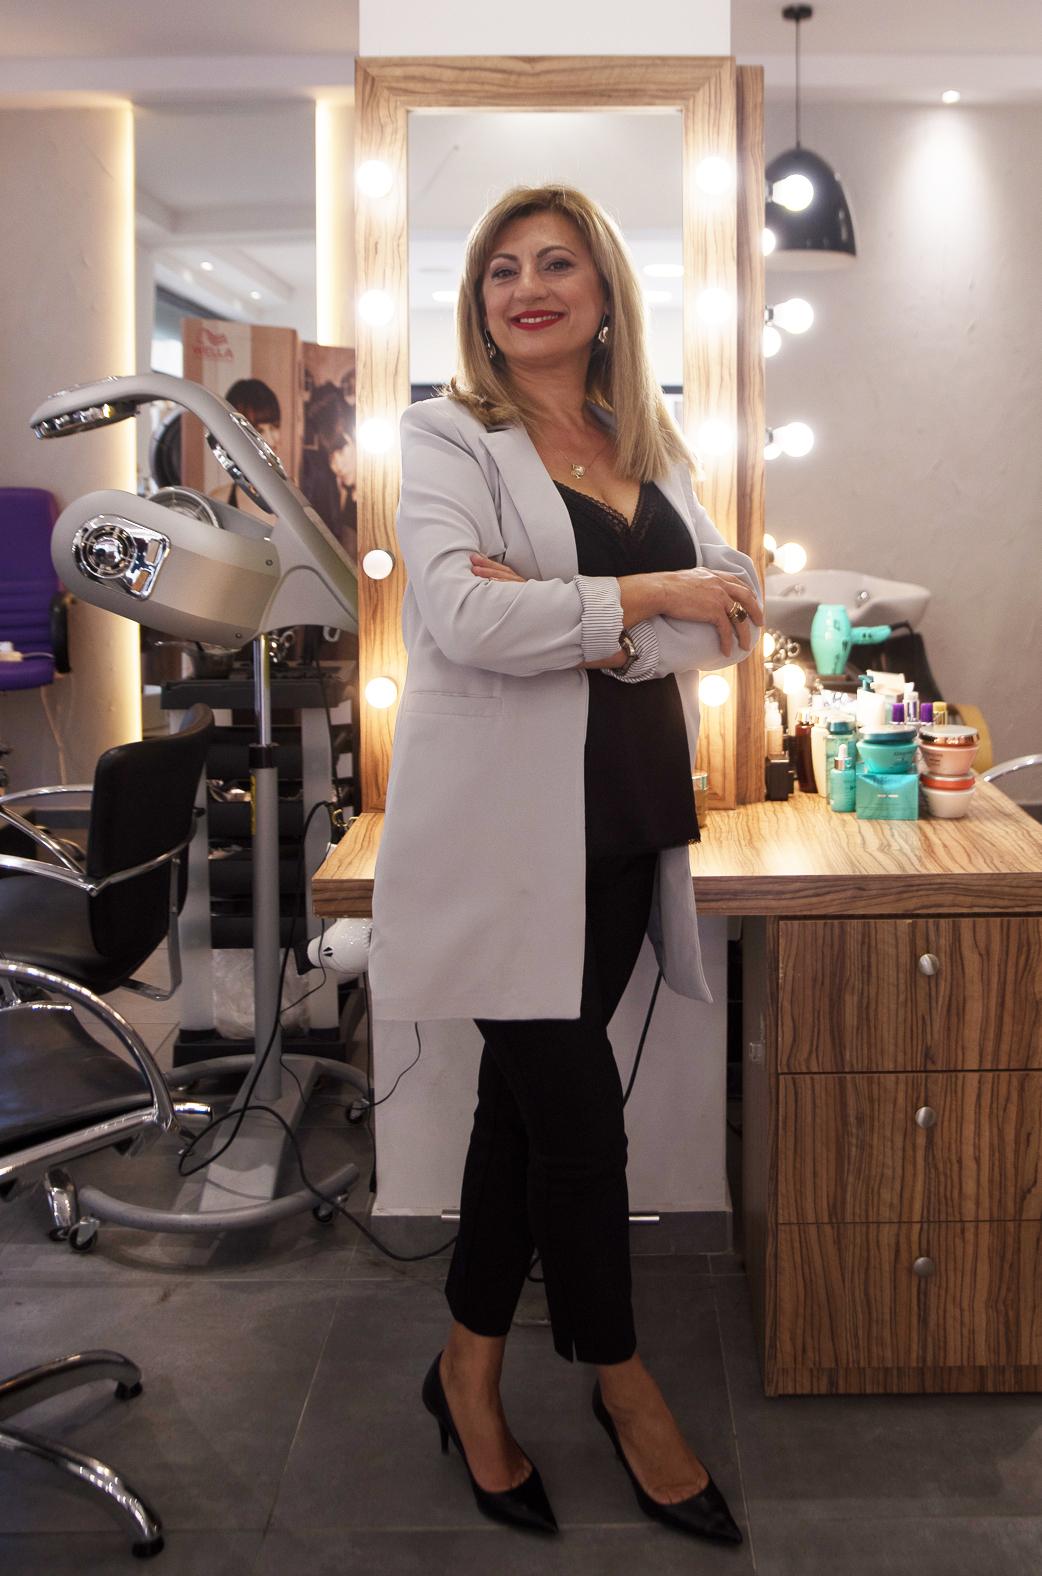 Μαίρη Γκρούμτσια, ιδιοκτήτρια της αλυσίδας κομμωτηρίων Touch Hair Salloon στην Λάρισα